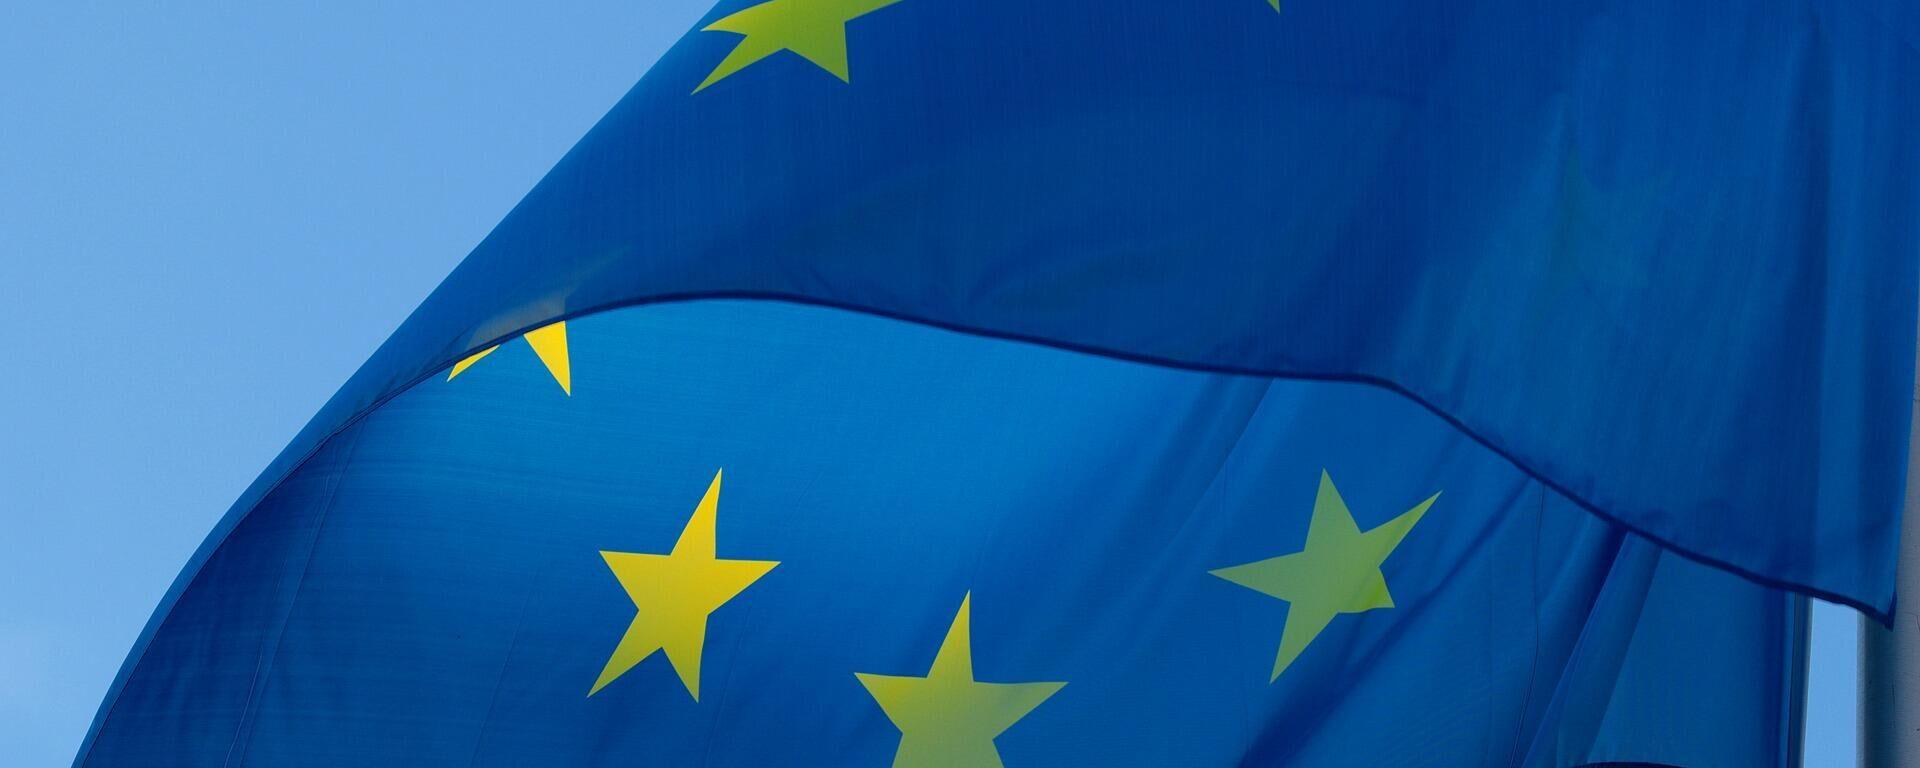 Flagge der Europäischen Union - SNA, 1920, 22.08.2021